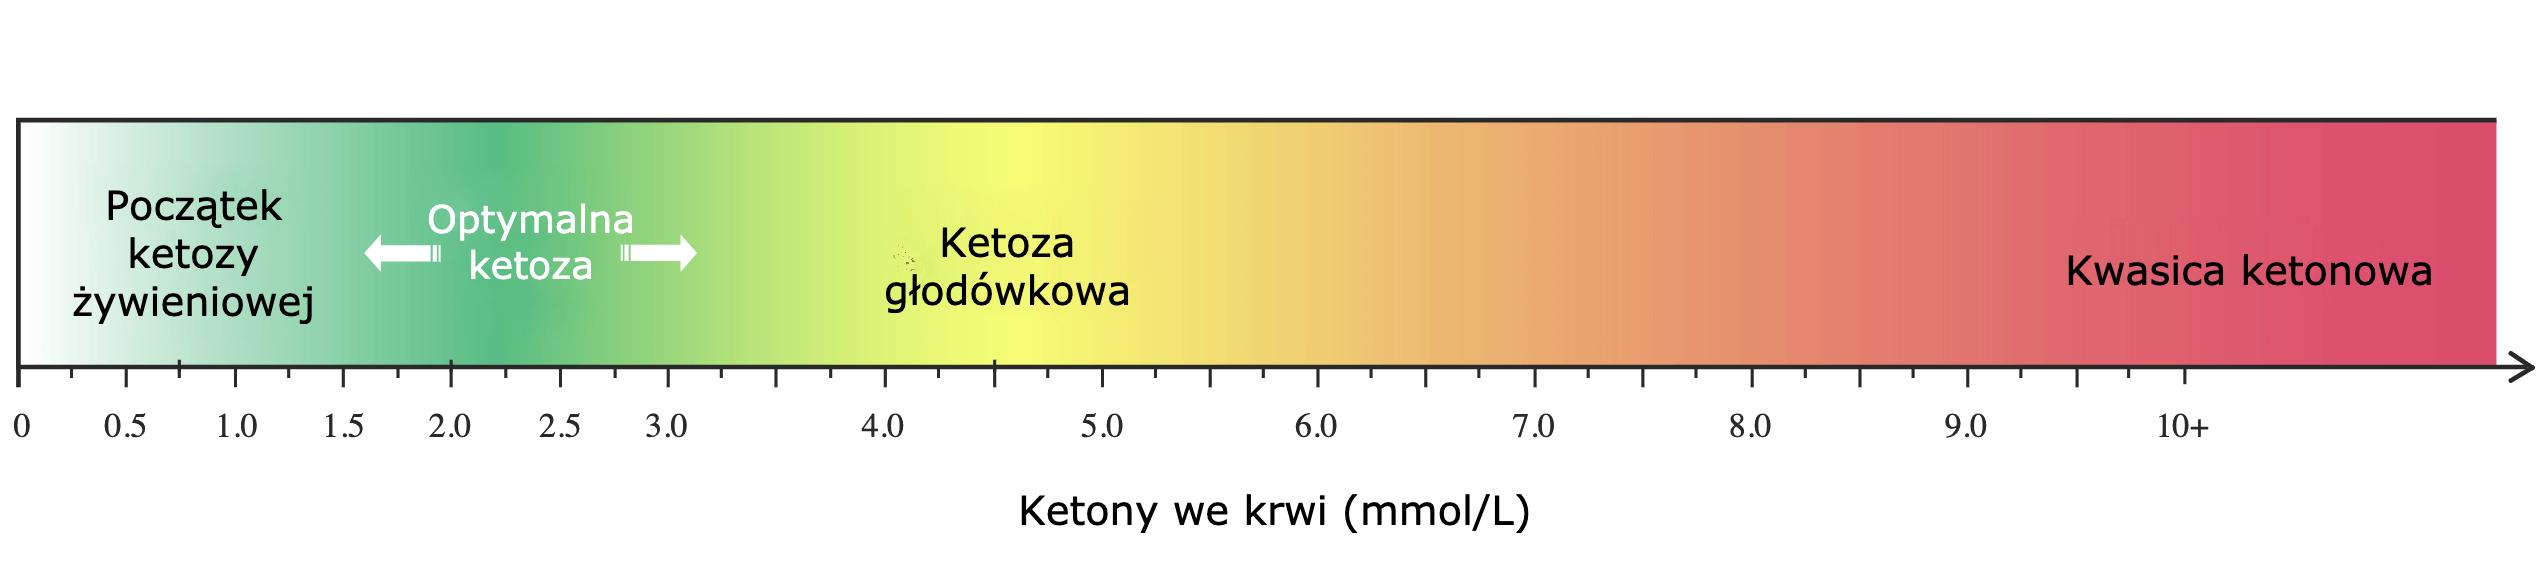 cetosis gráfica